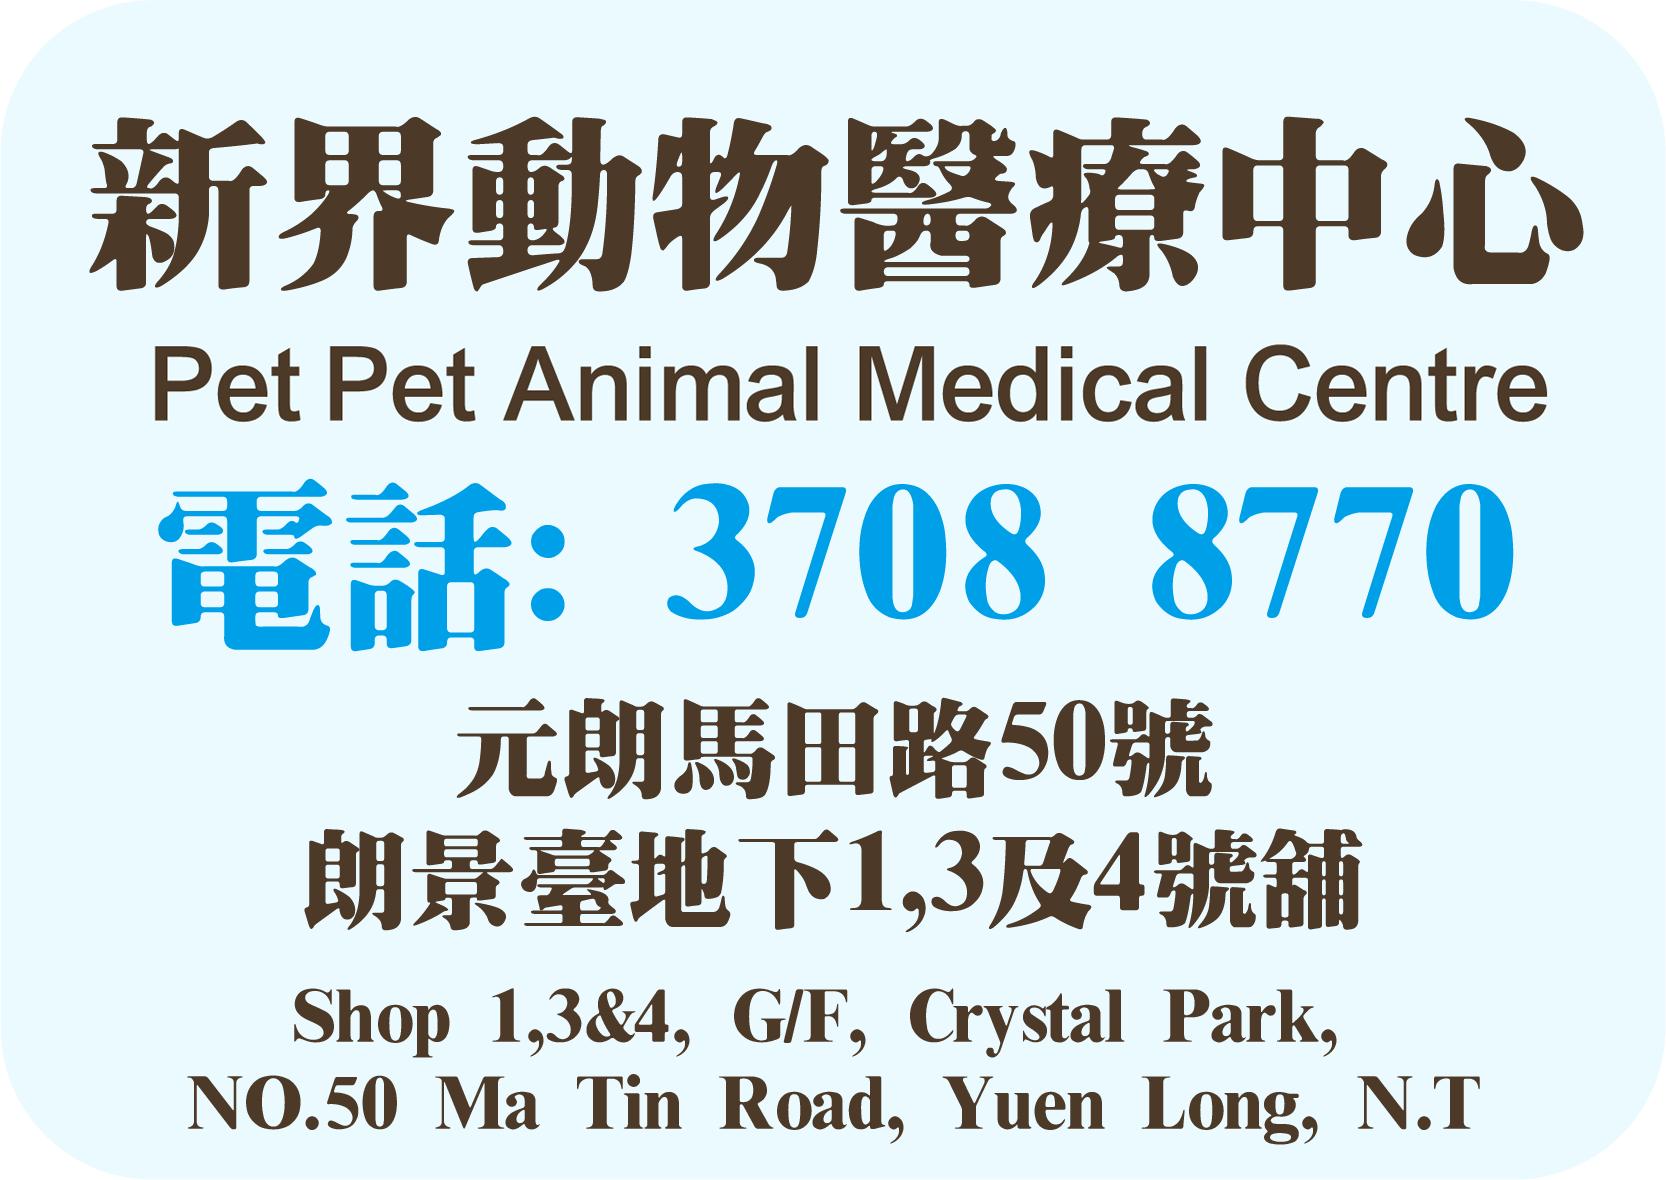 新界動物醫療中心